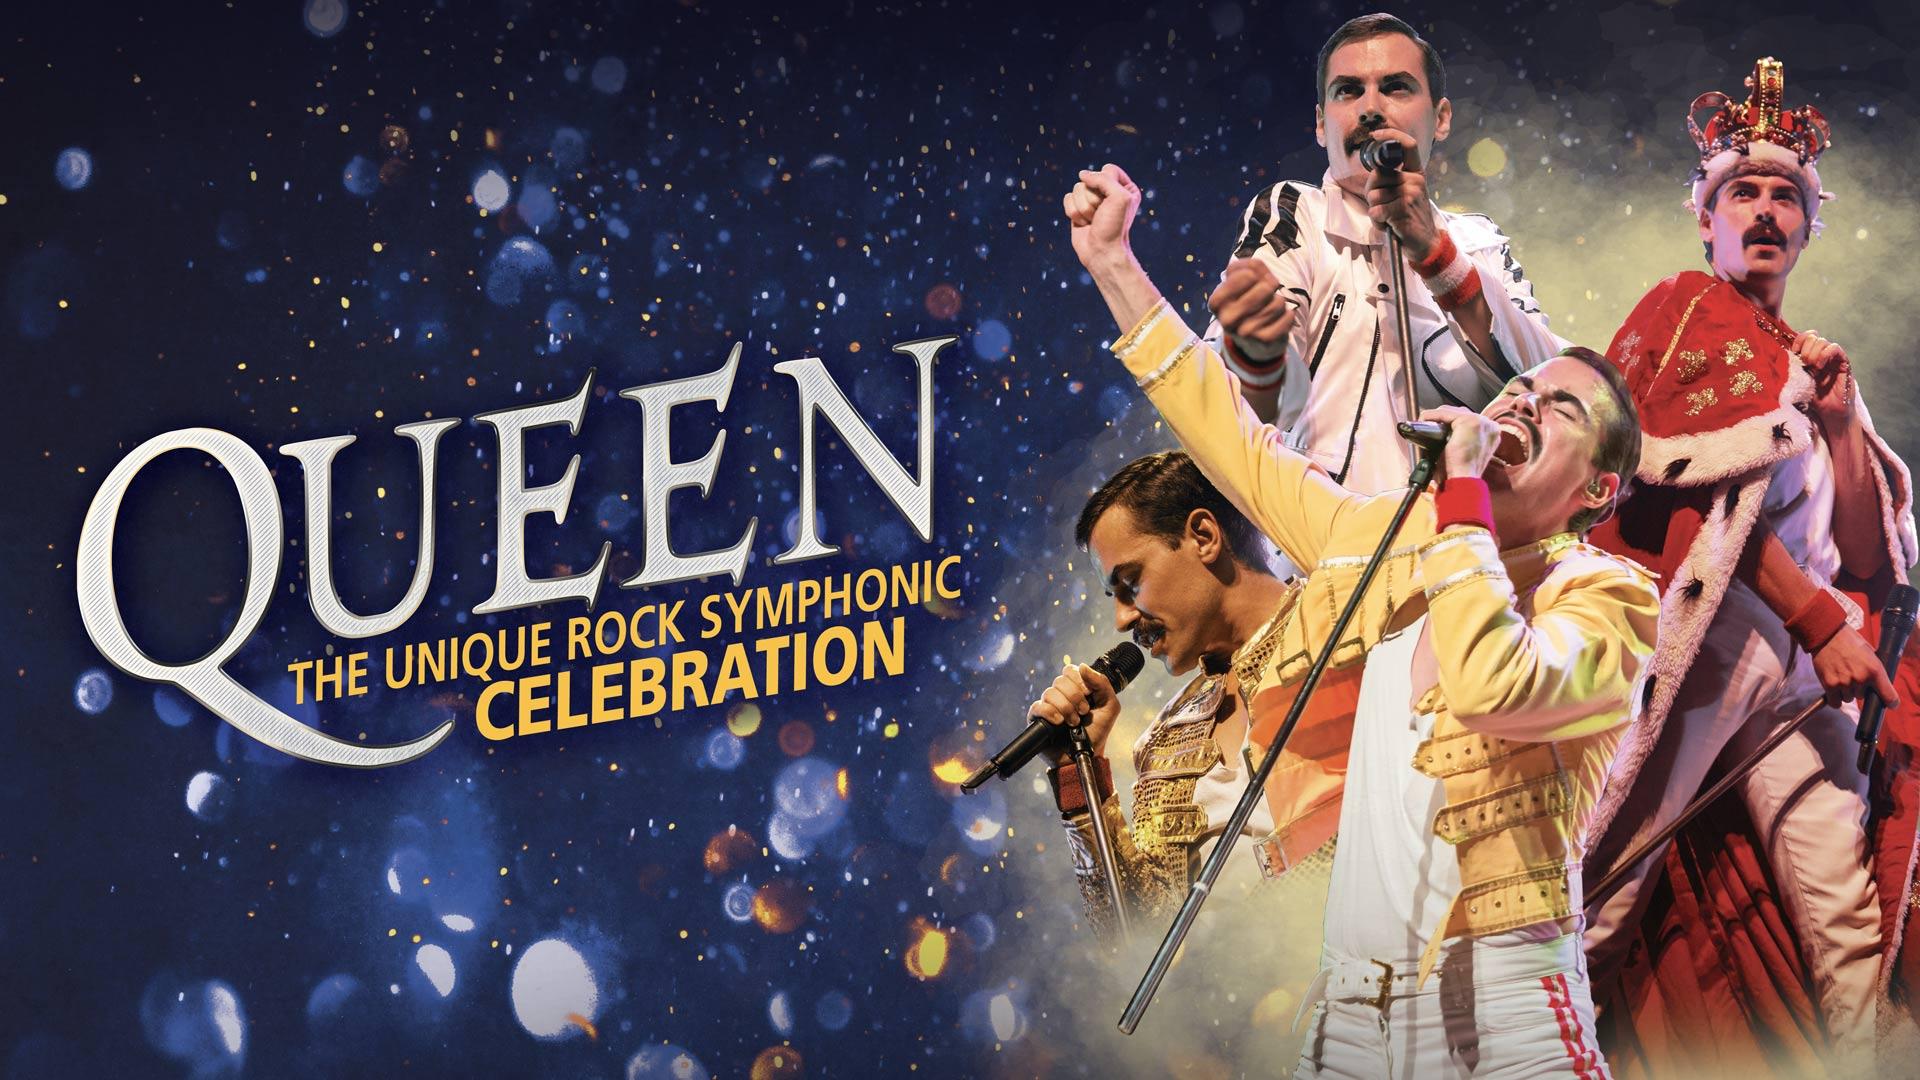 Queen, The Unique Rock-Symphonic Celebration